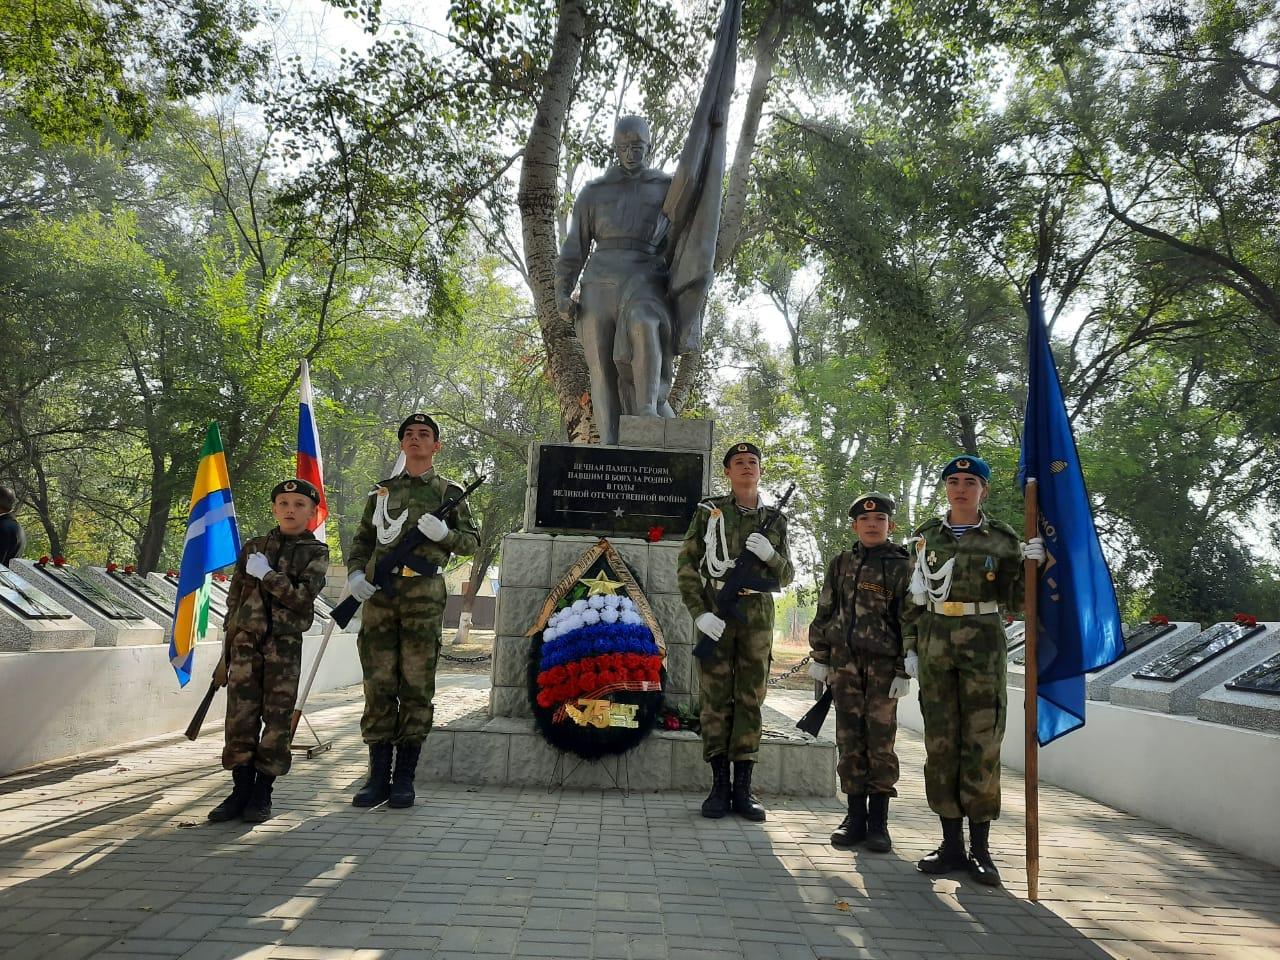 22 сентября в Азовском районе в с. Высочино был открыт Мемориал солдатам, погибшим в ВОВ на территории Азовского района.